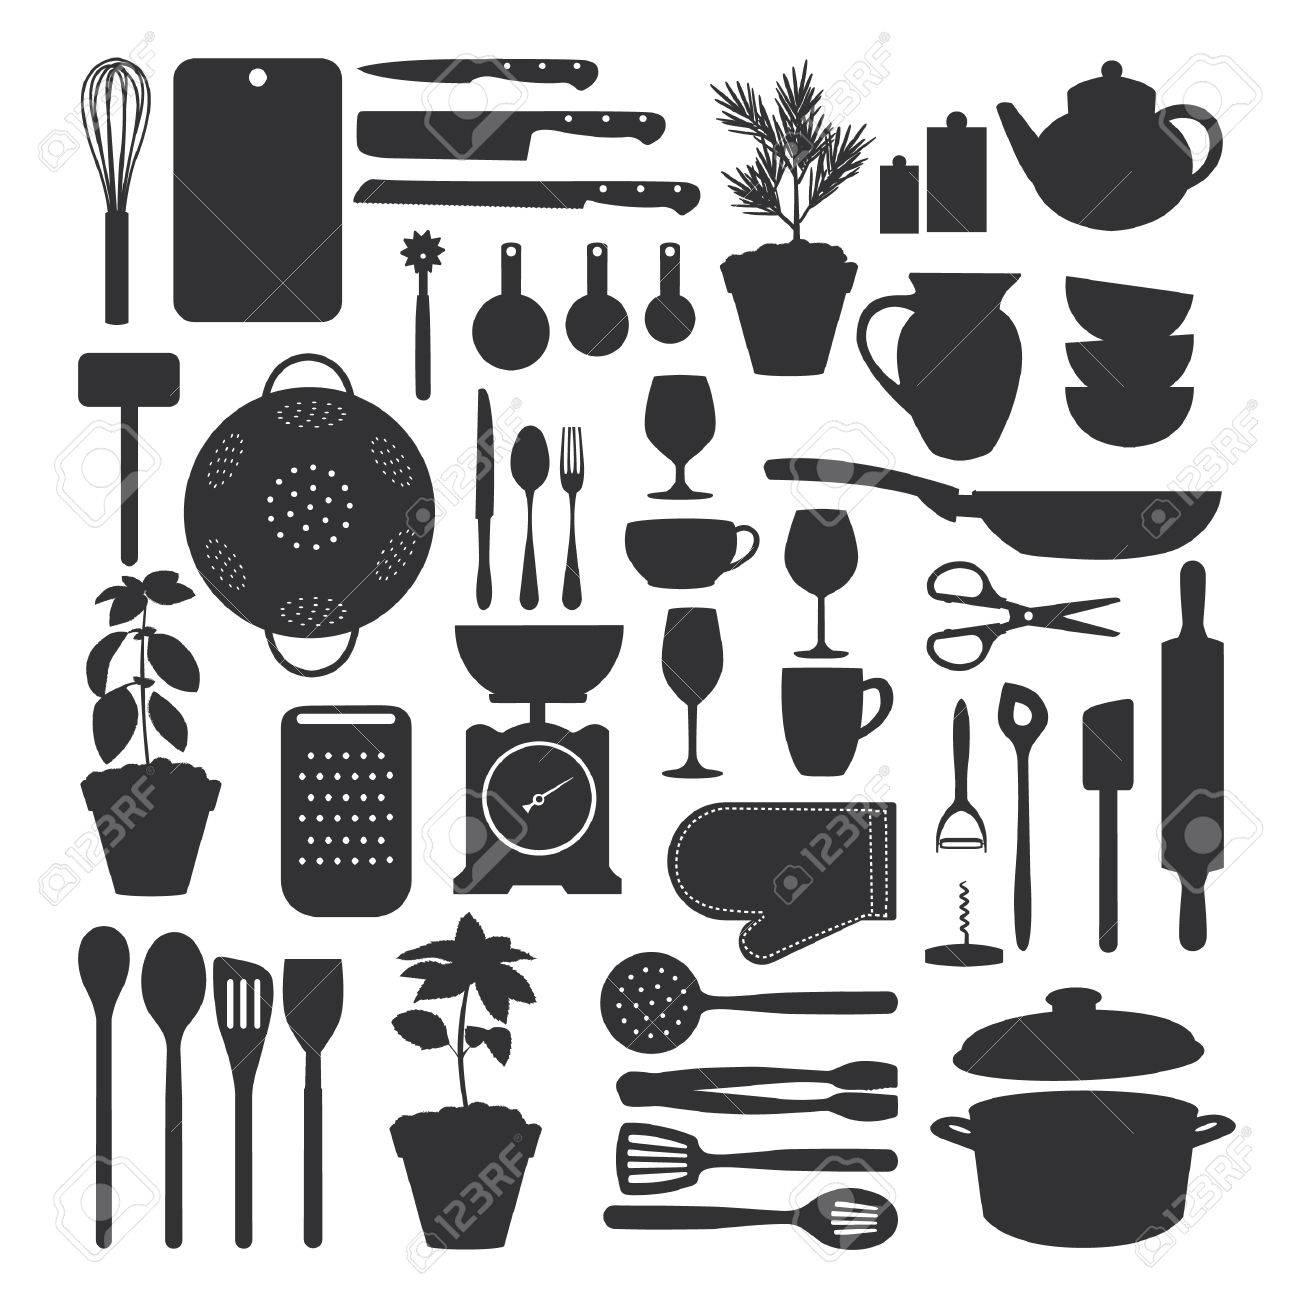 archivio fotografico set di strumenti da cucina isolato illustrazione vettoriale